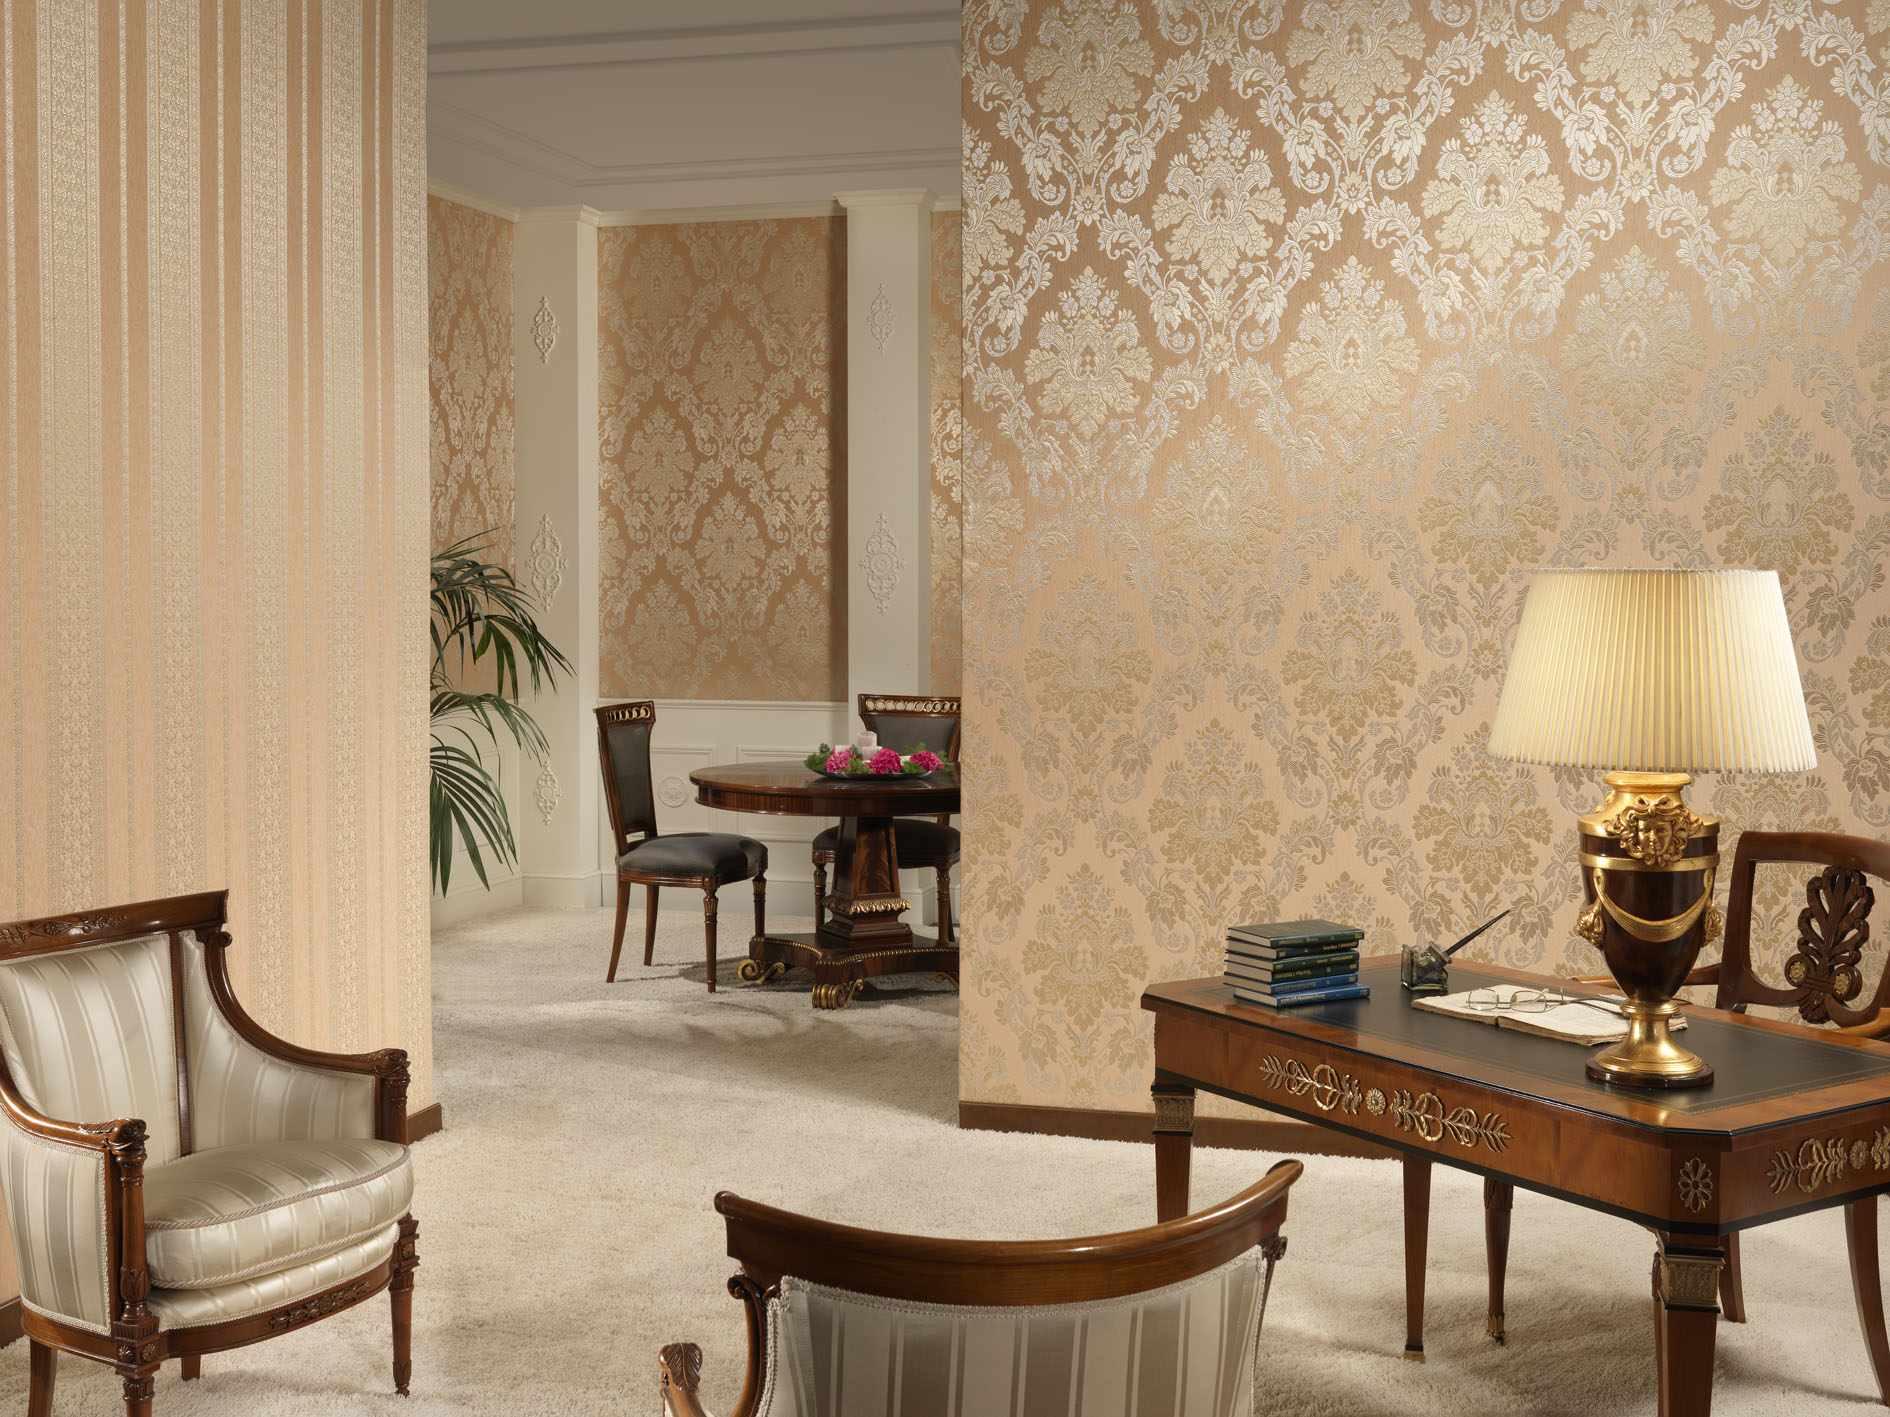 идея красивого декора обоев для гостиной